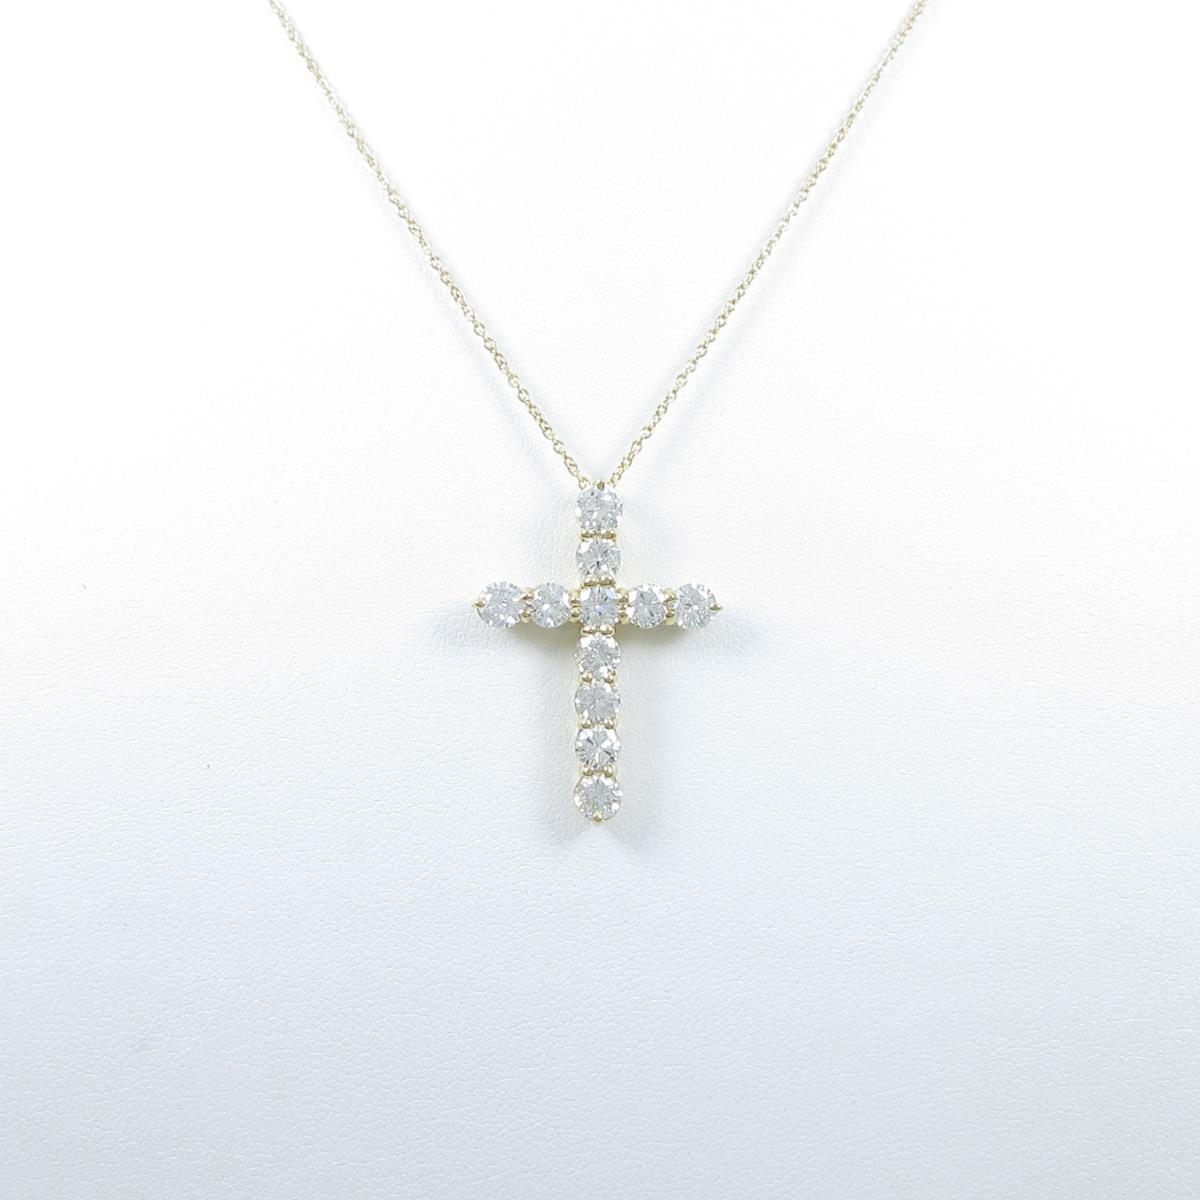 【リメイク】K18YG クロス ダイヤモンドネックレス【中古】